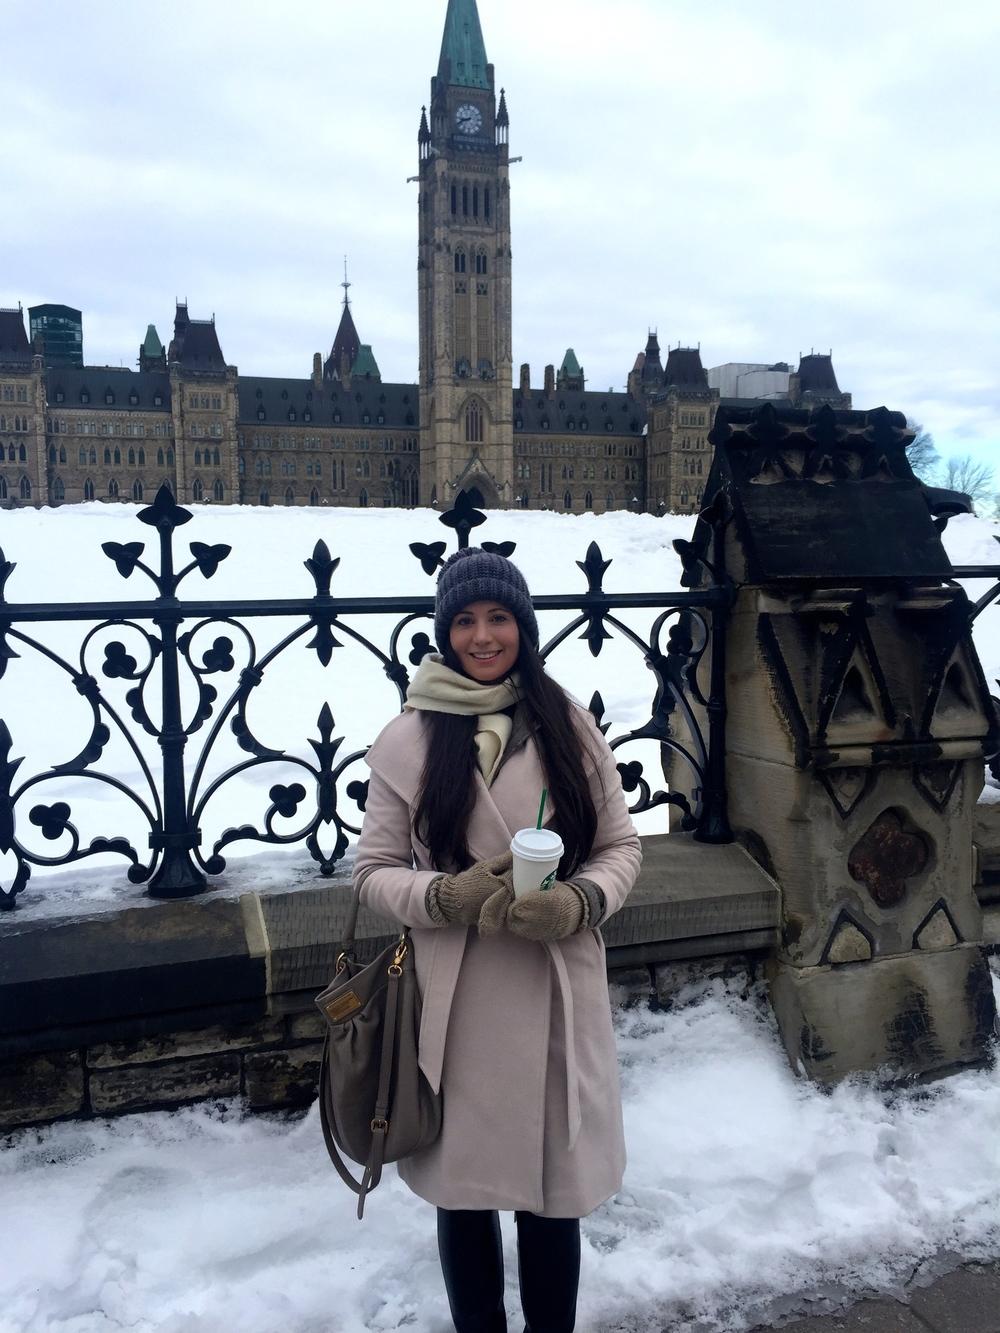 Kirsten Avison doing her best to keep warm in snowy Ottawa.